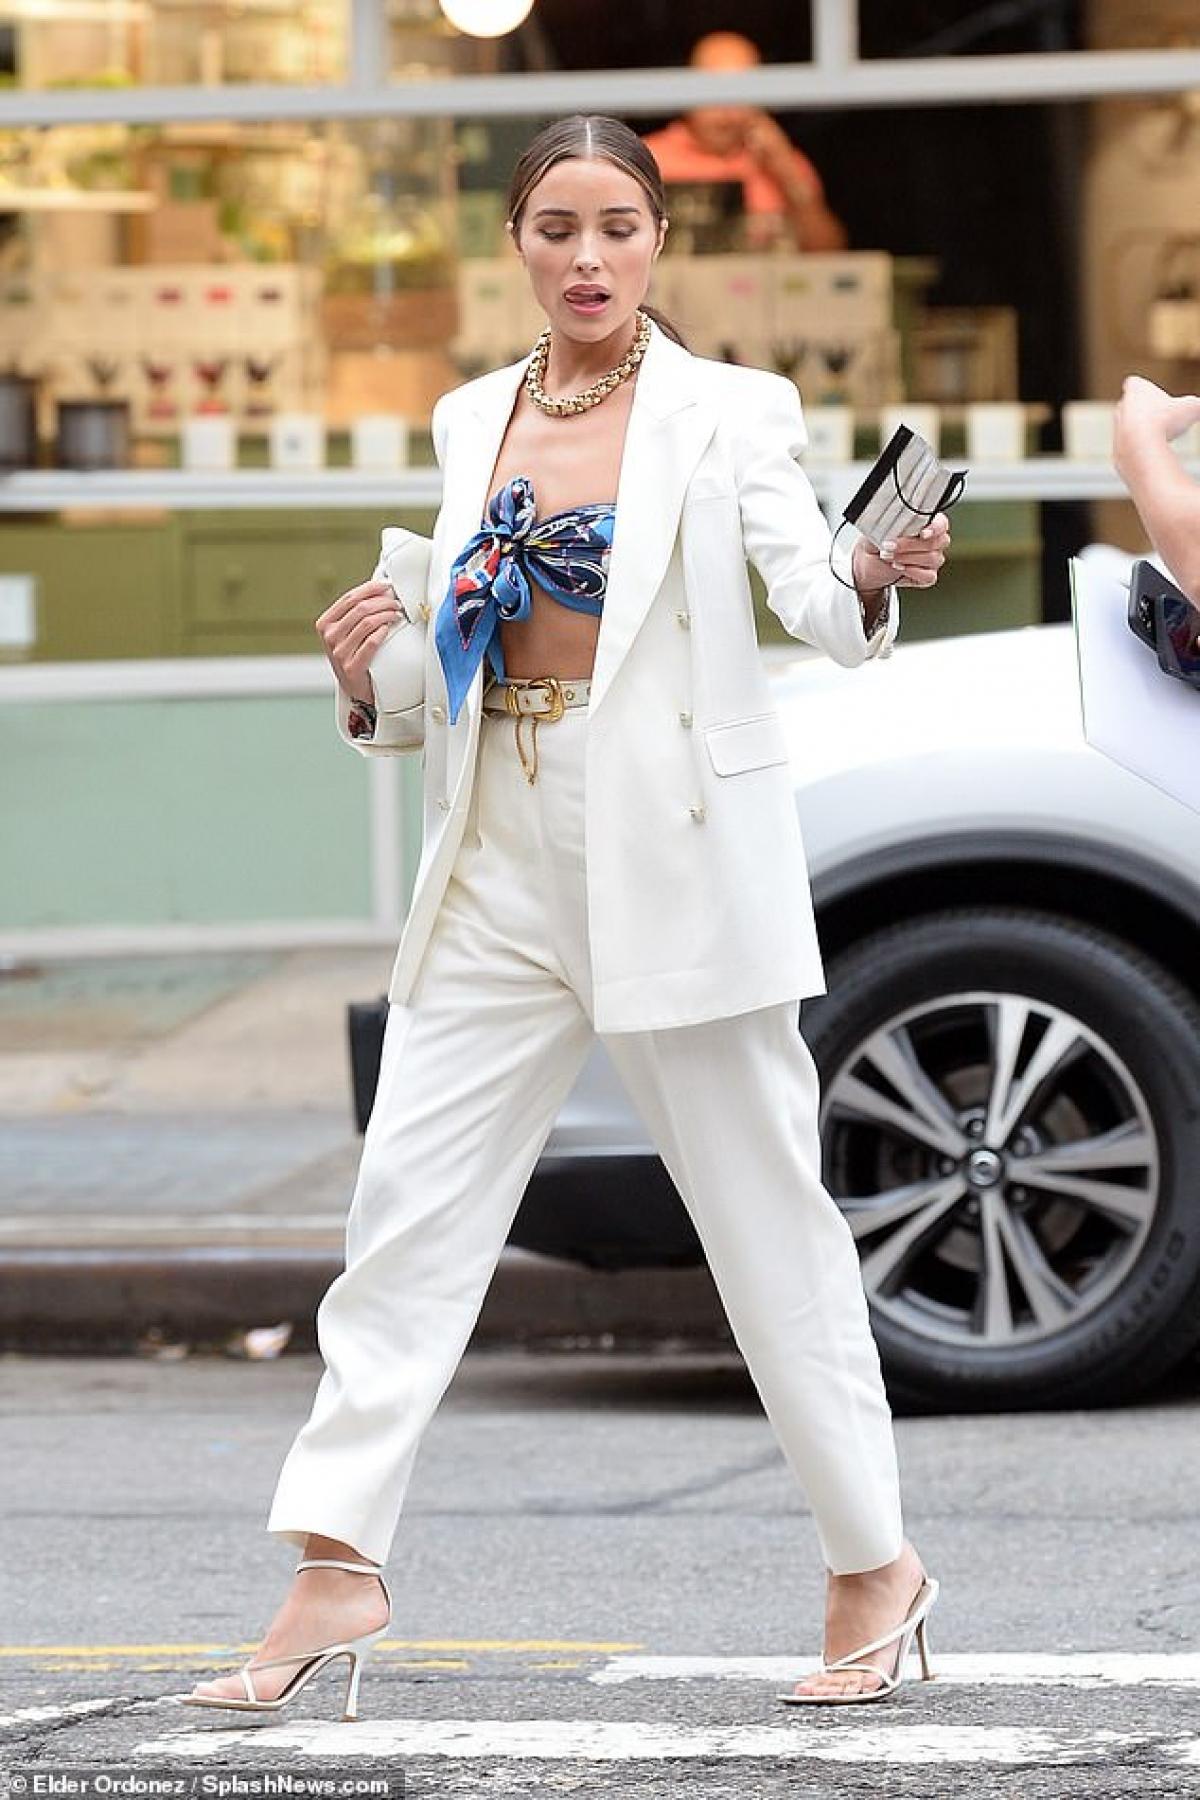 Olivia Culpo hào hứng đi ăn tối cùng bạn thân - người mẫu Brooks Nader tại nhà hàng sang trọng ở New York dịp cuối tuần.